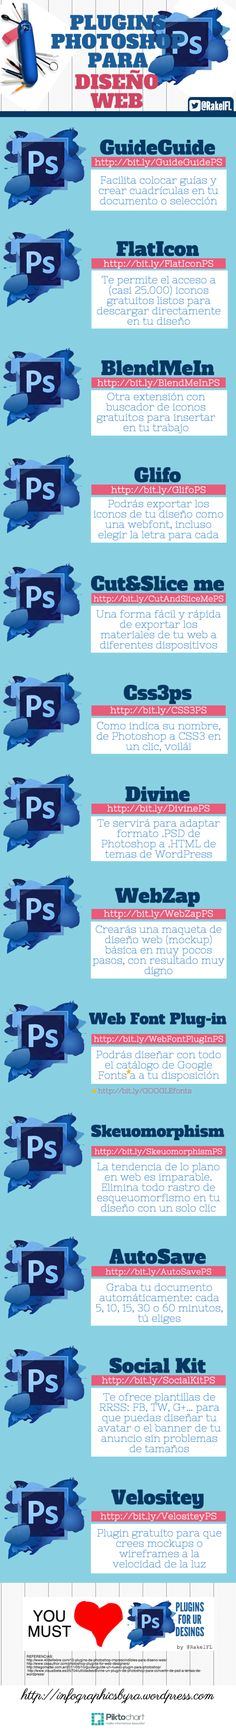 Plugins de Photoshop para Diseño Web, infografía de Rakel Felipe